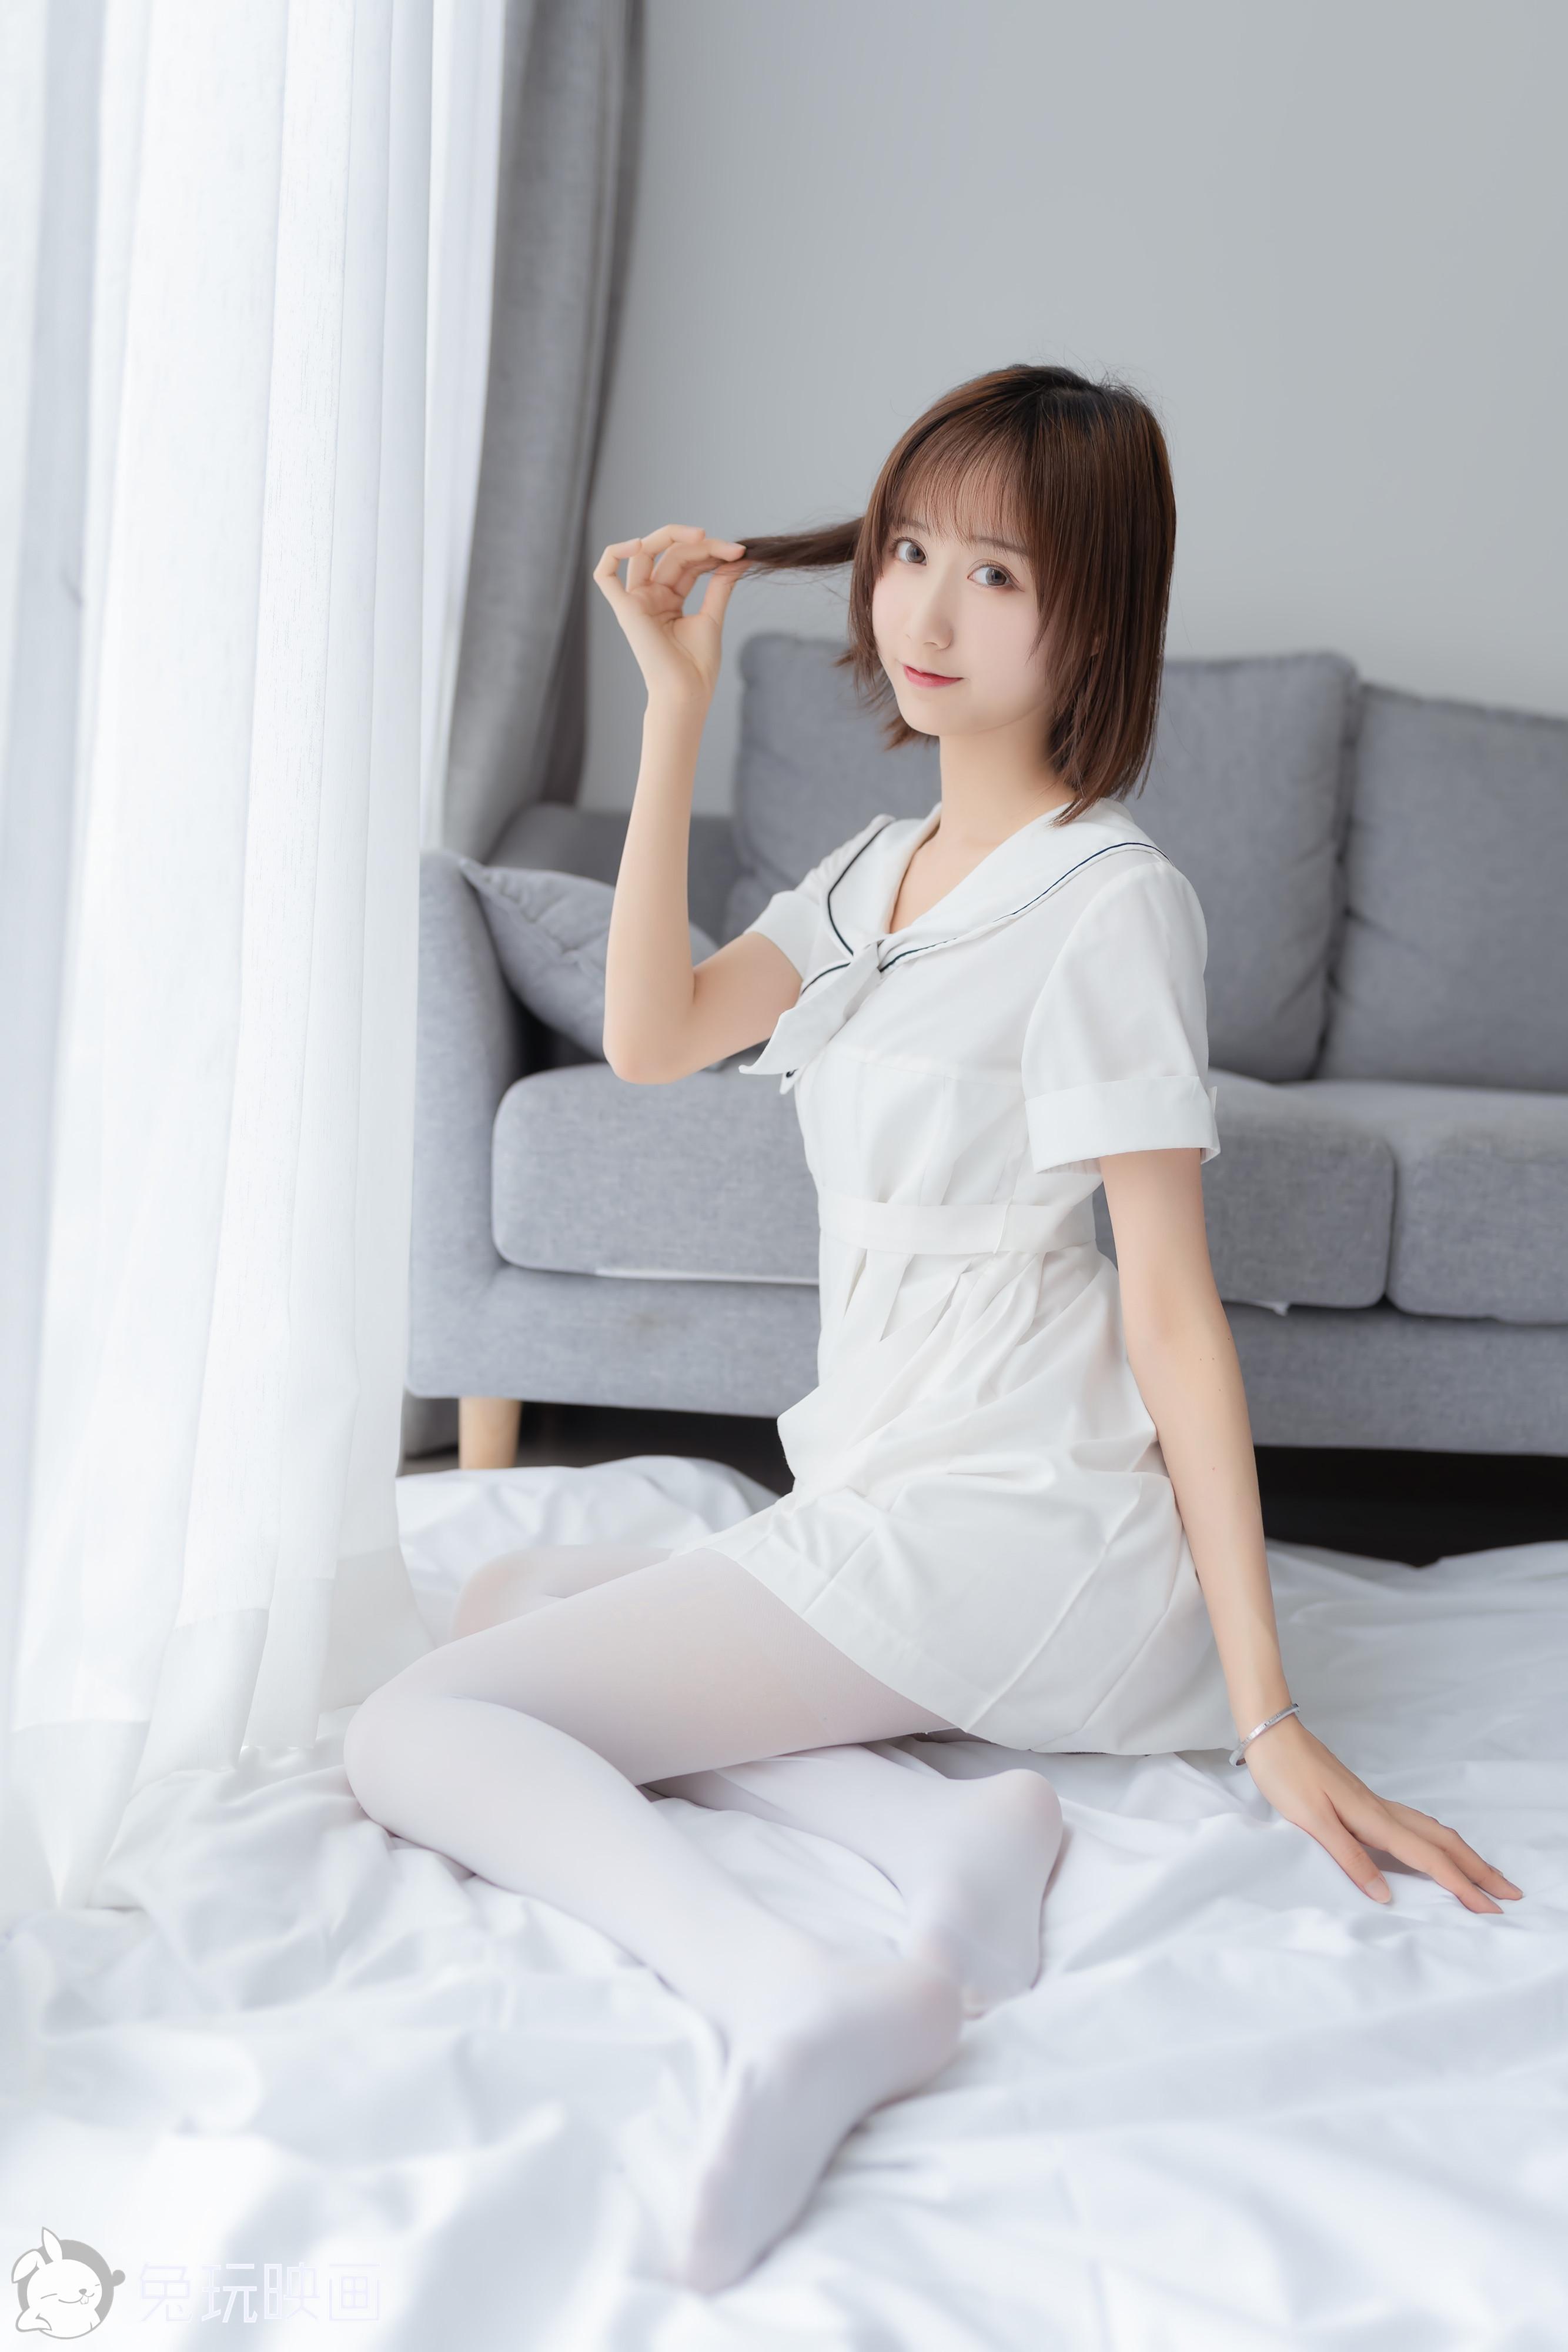 兔玩映画 纯情白裙-客人短发学妹带来的俏皮姿势~~美不胜收!